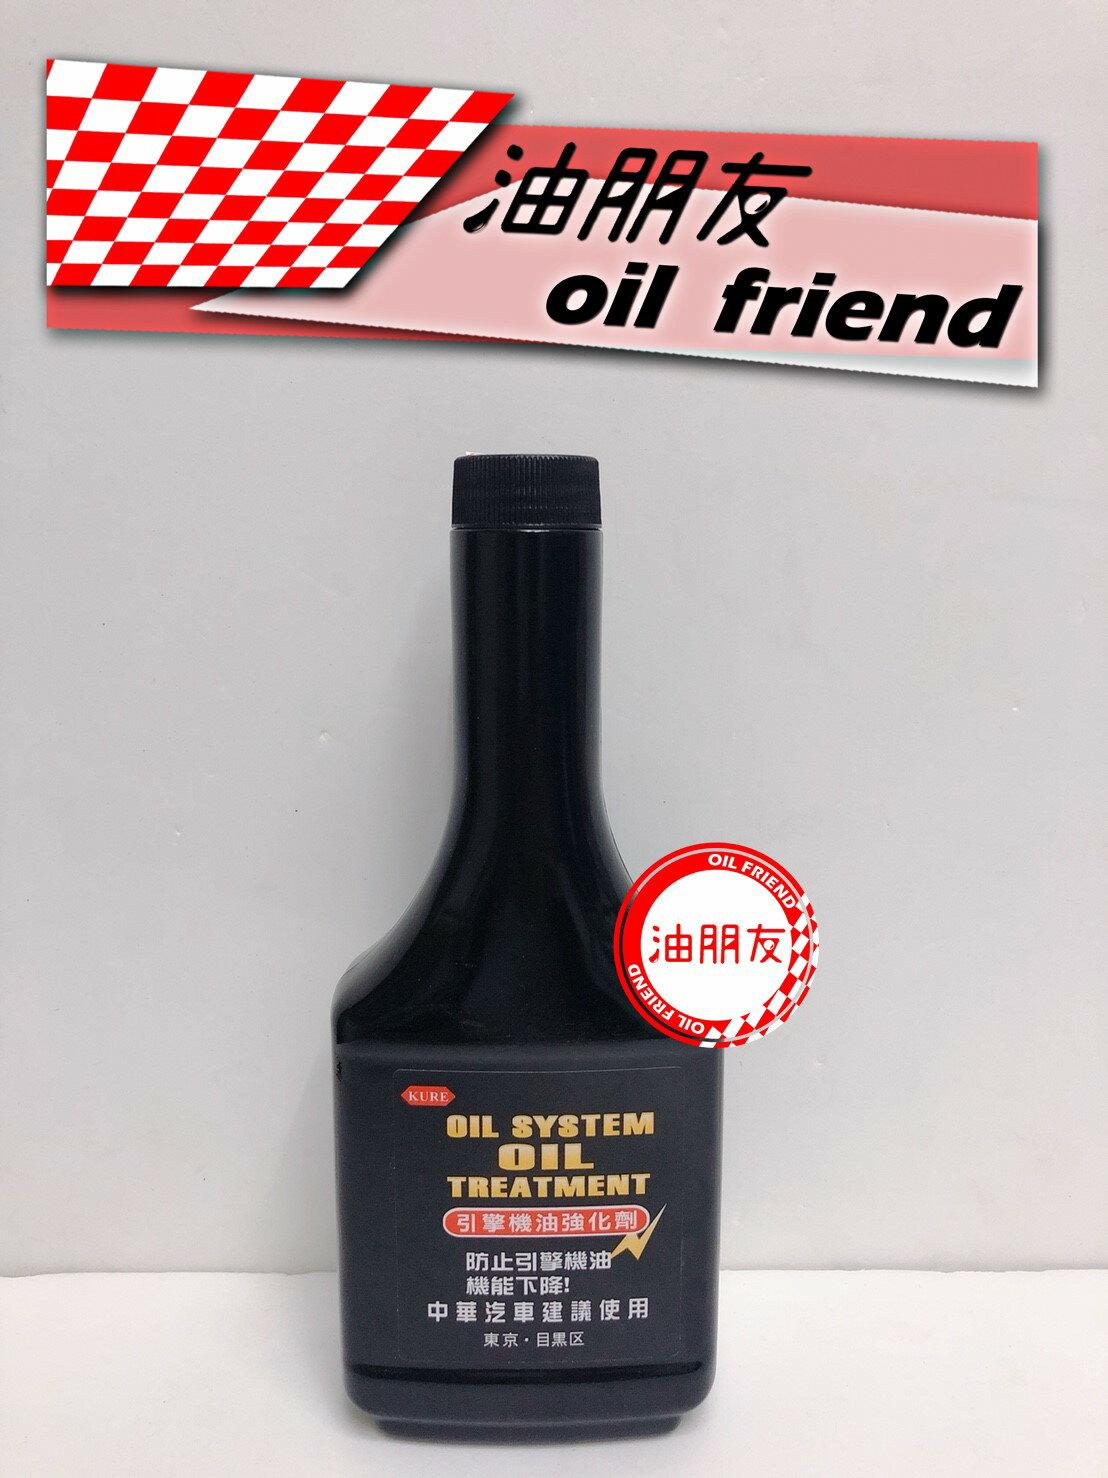 -油朋友- 油朋友 機油精 三菱 引擎機油強化劑 oil system treatment 中華汽車 建議使用